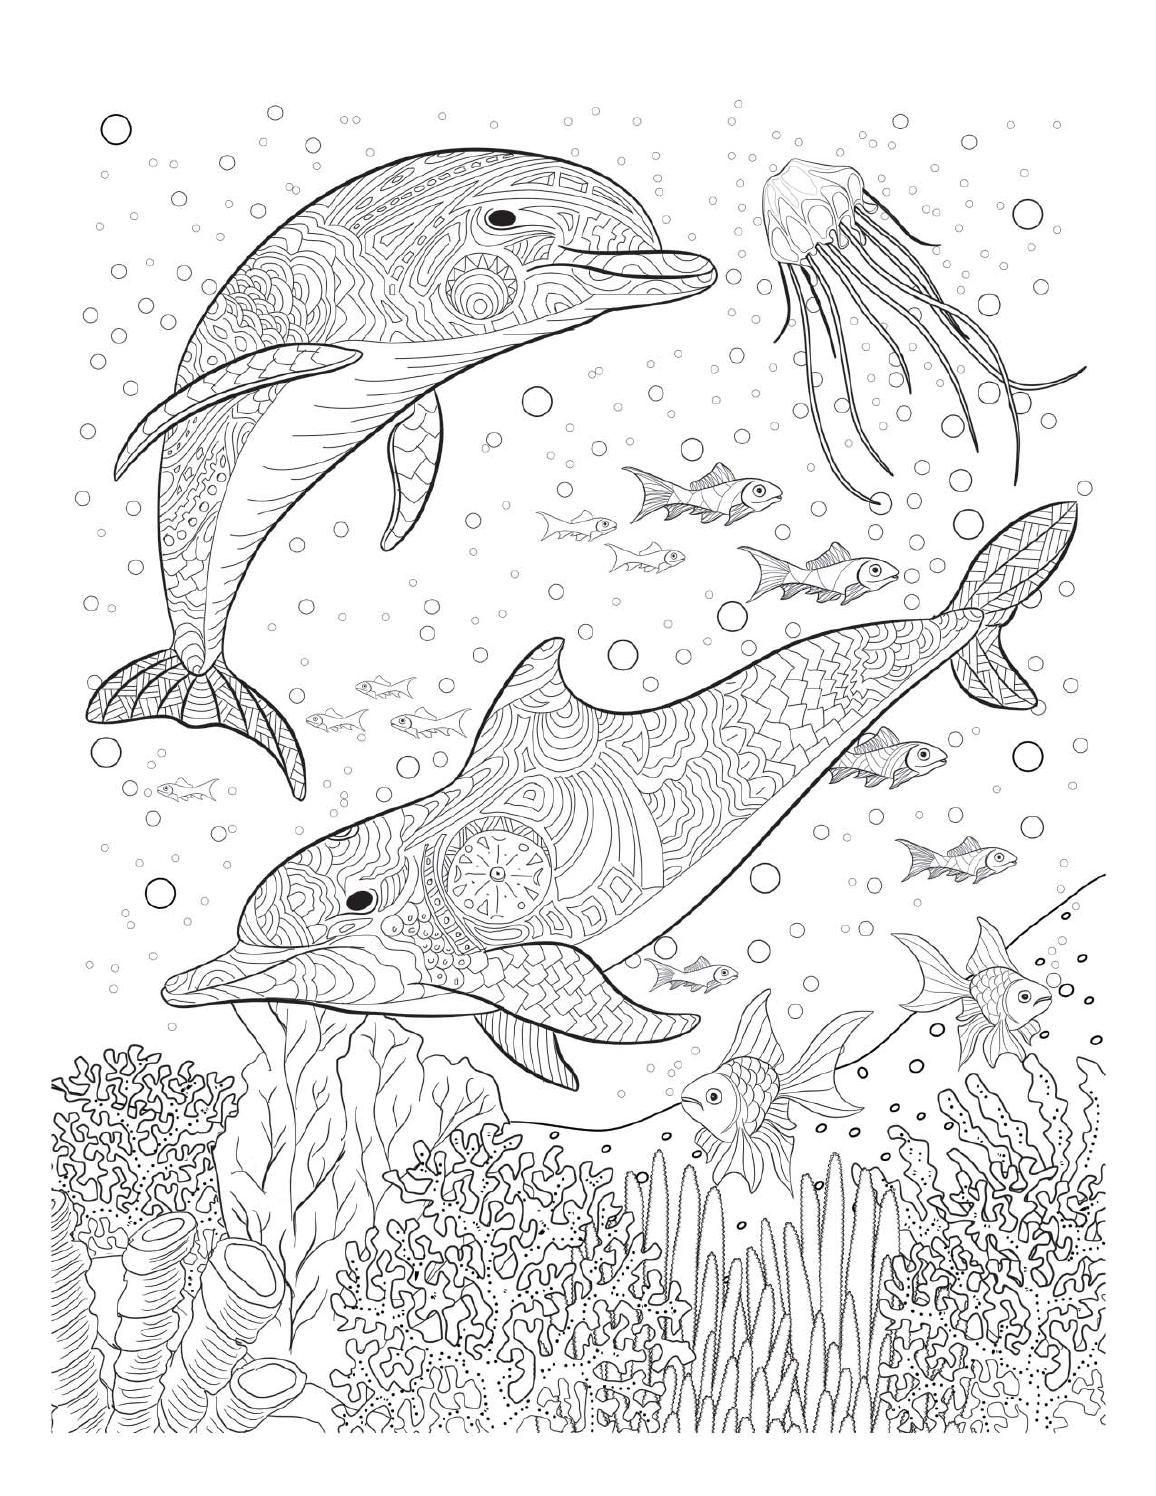 Meerestiere Malvorlagen Zum Ausdrucken Amorphi